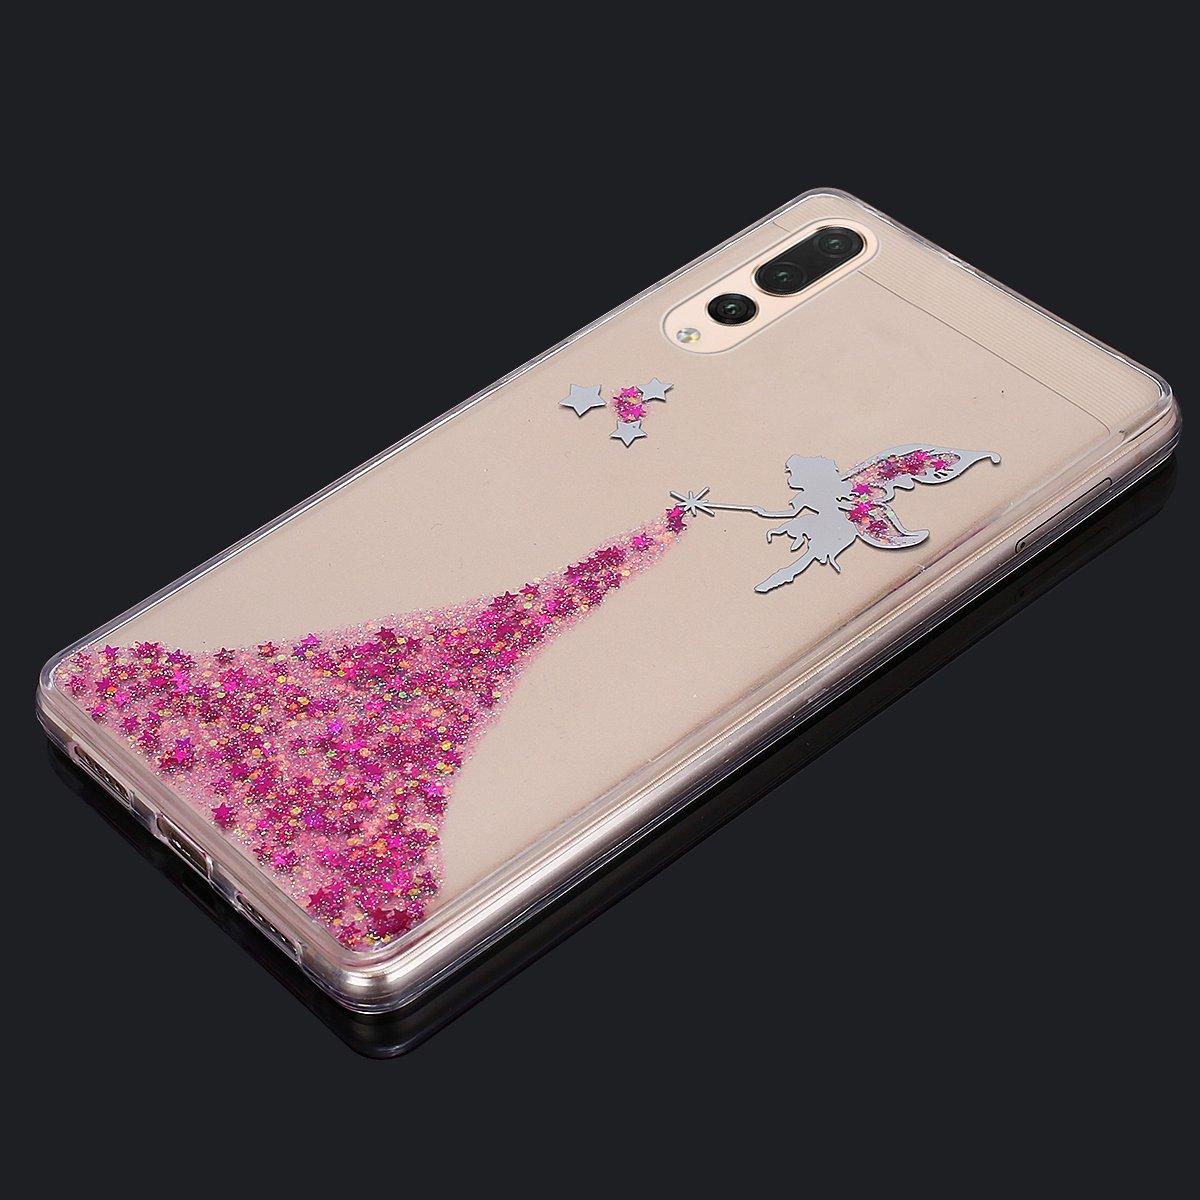 Cover Huawei P20 Pro,Custodia Huawei P20 Pro,Bling scintillio della scintilla Stelle della ragazza Angelo Trasparente Silicone Gel Case Cover Crystal Clear Custodia Cover per Huawei P20 Pro,Rosa